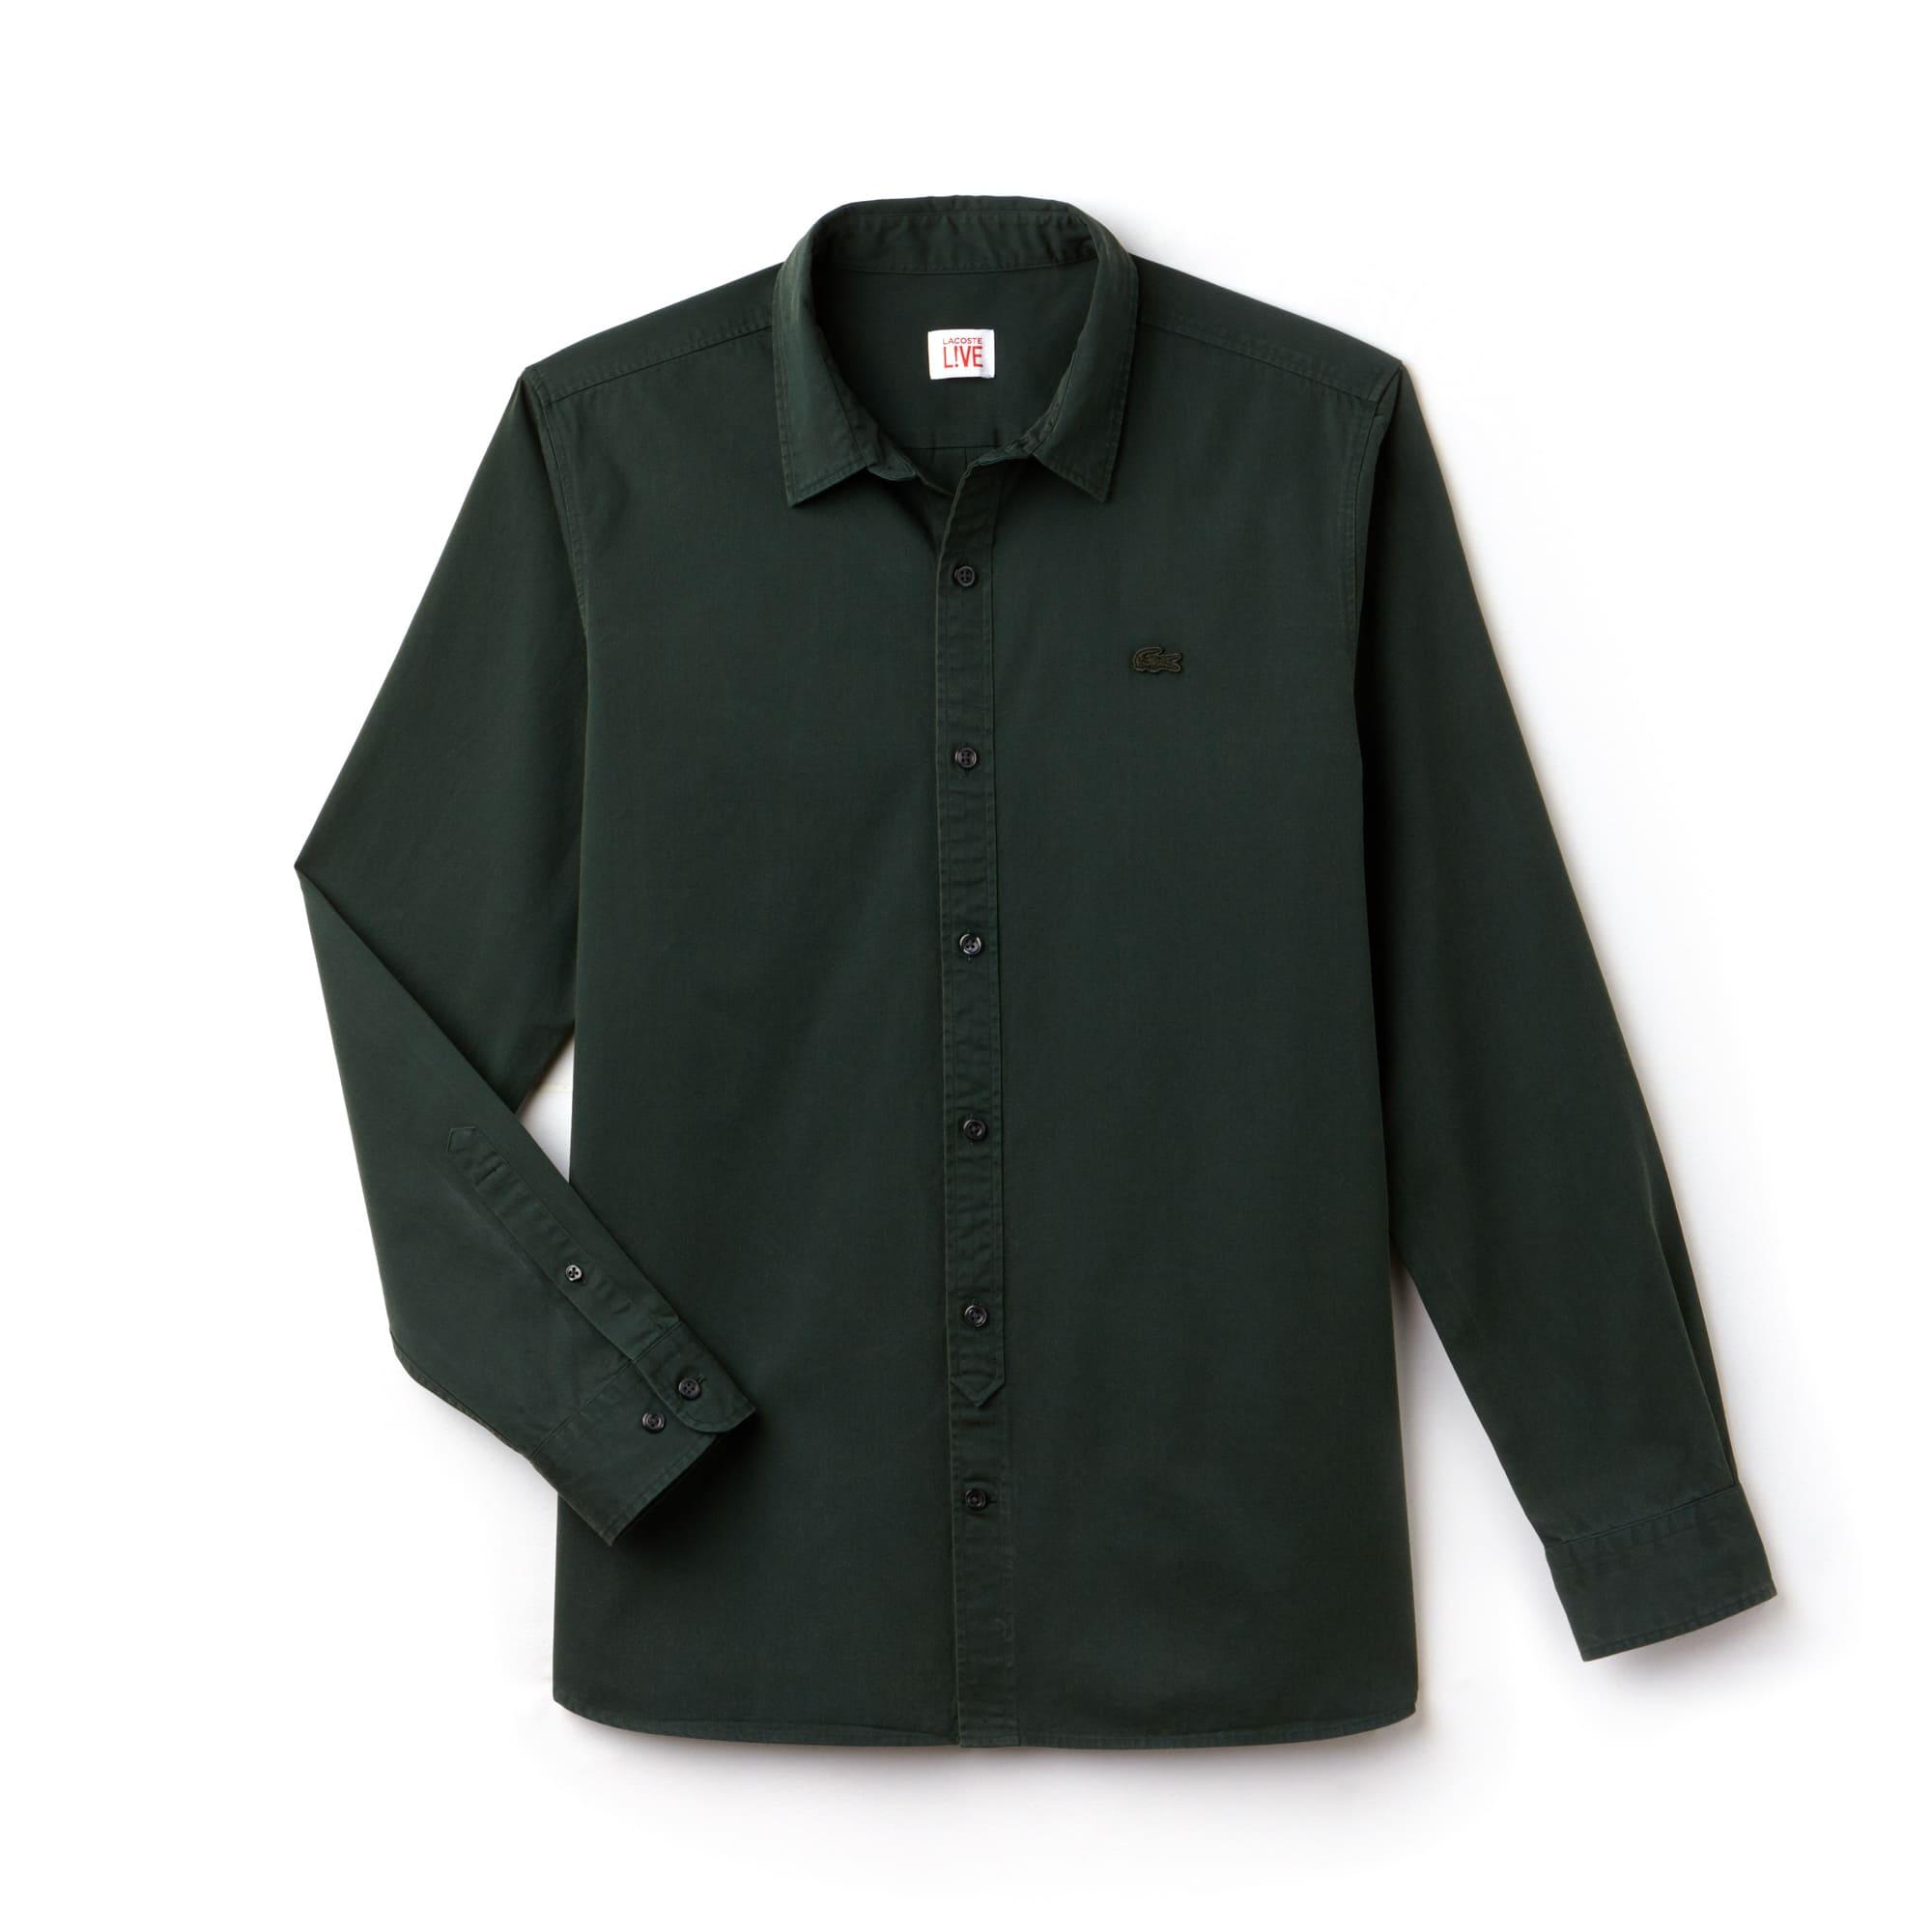 Camicia Skinny fit Lacoste LIVE in popeline di cotone tinta unita